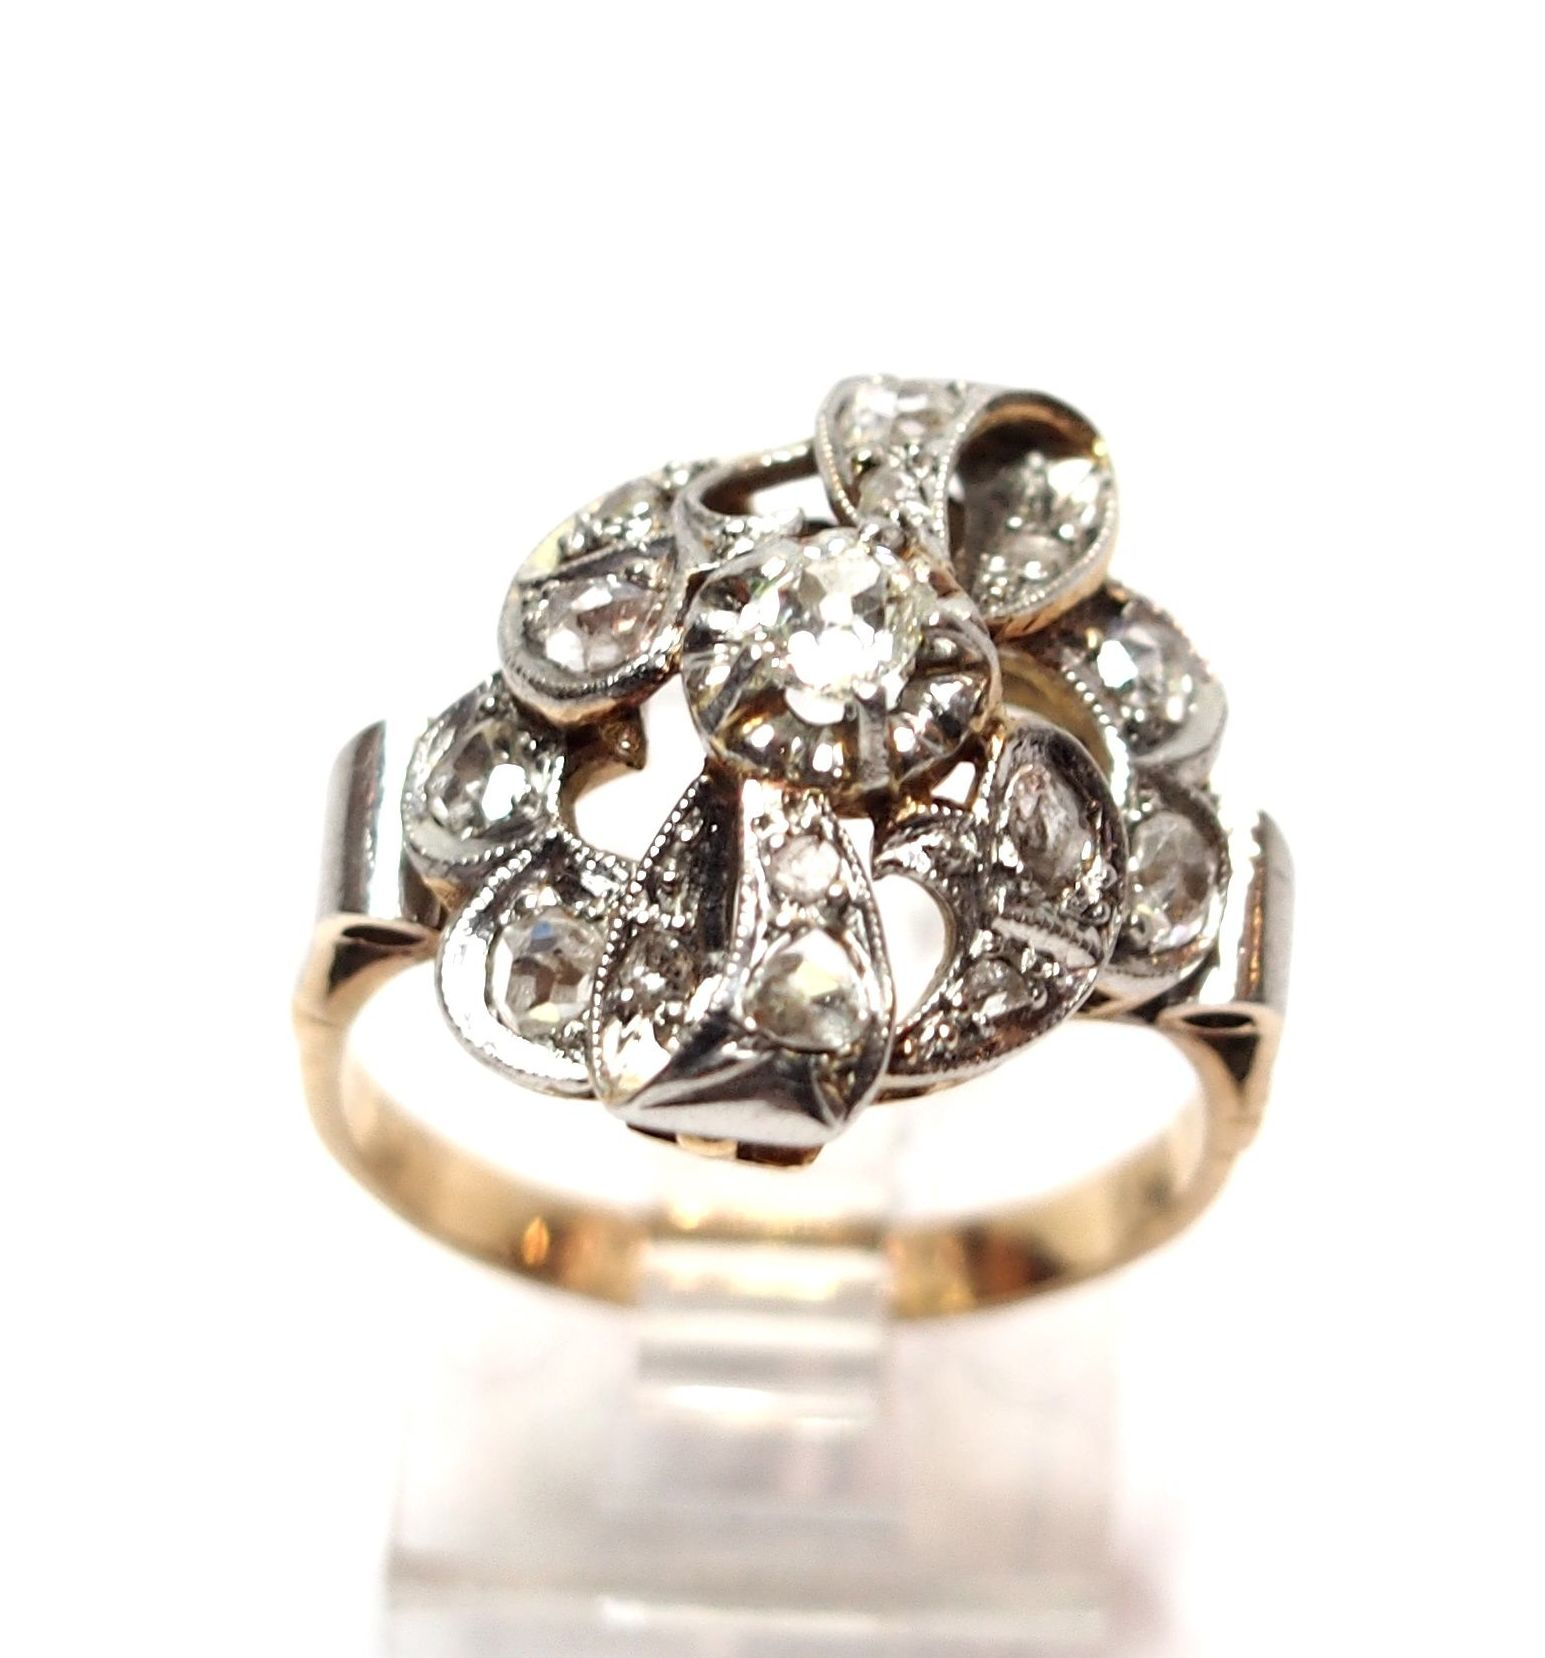 Sortija con motivo vegetal de oro de 18k con diamantes. Circa: 1930: Catálogo de Antigua Joyeros